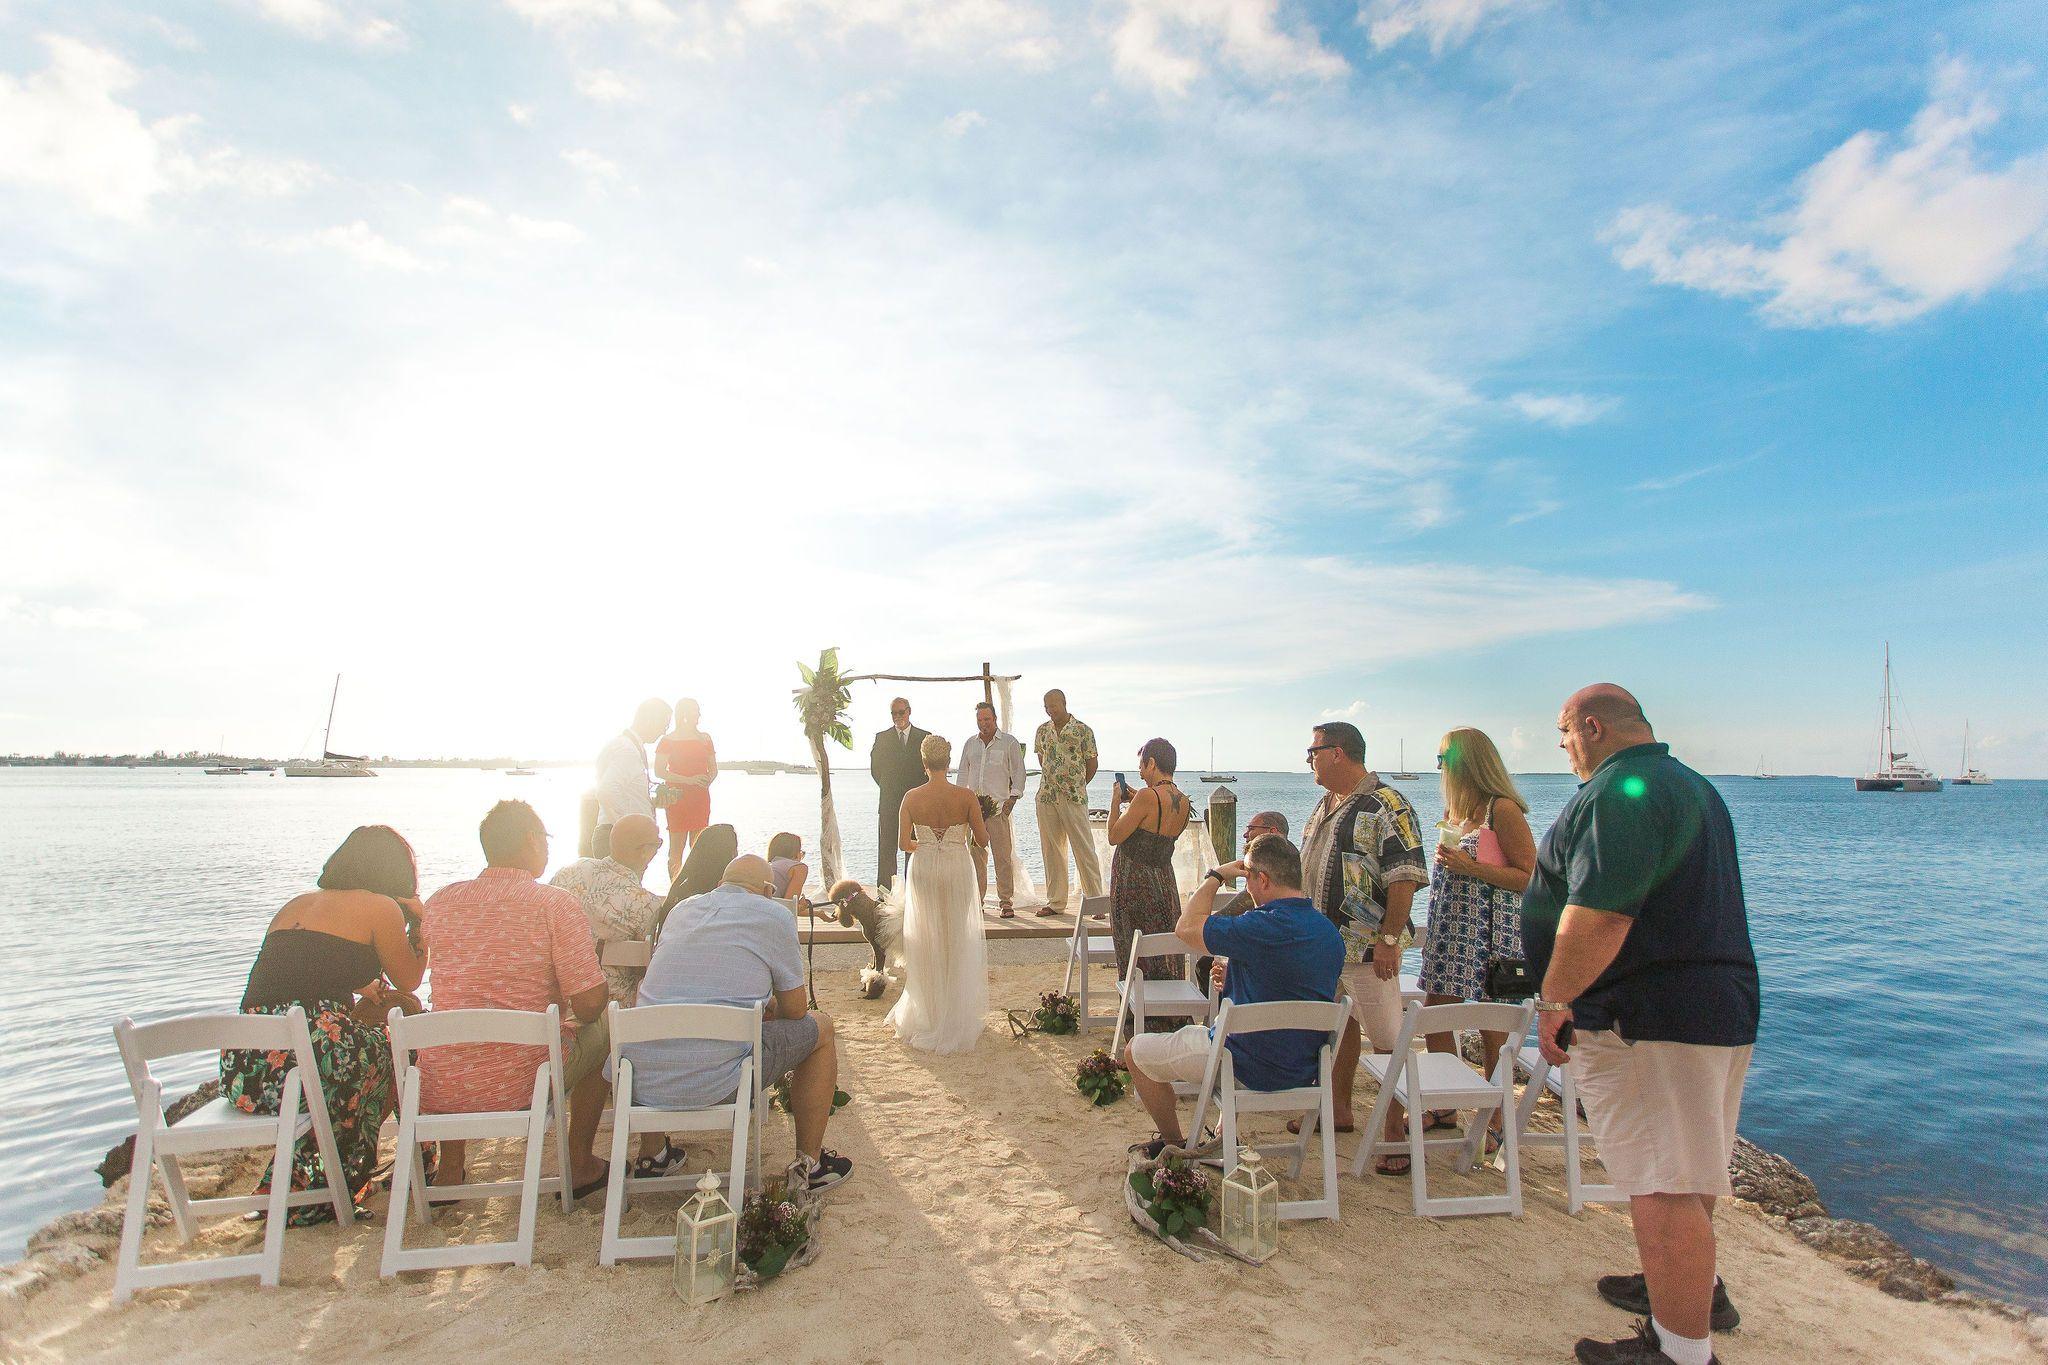 Beach Wedding Ideas Destination Wedding Package Destination Wedding Venues Florida Beach Wedding